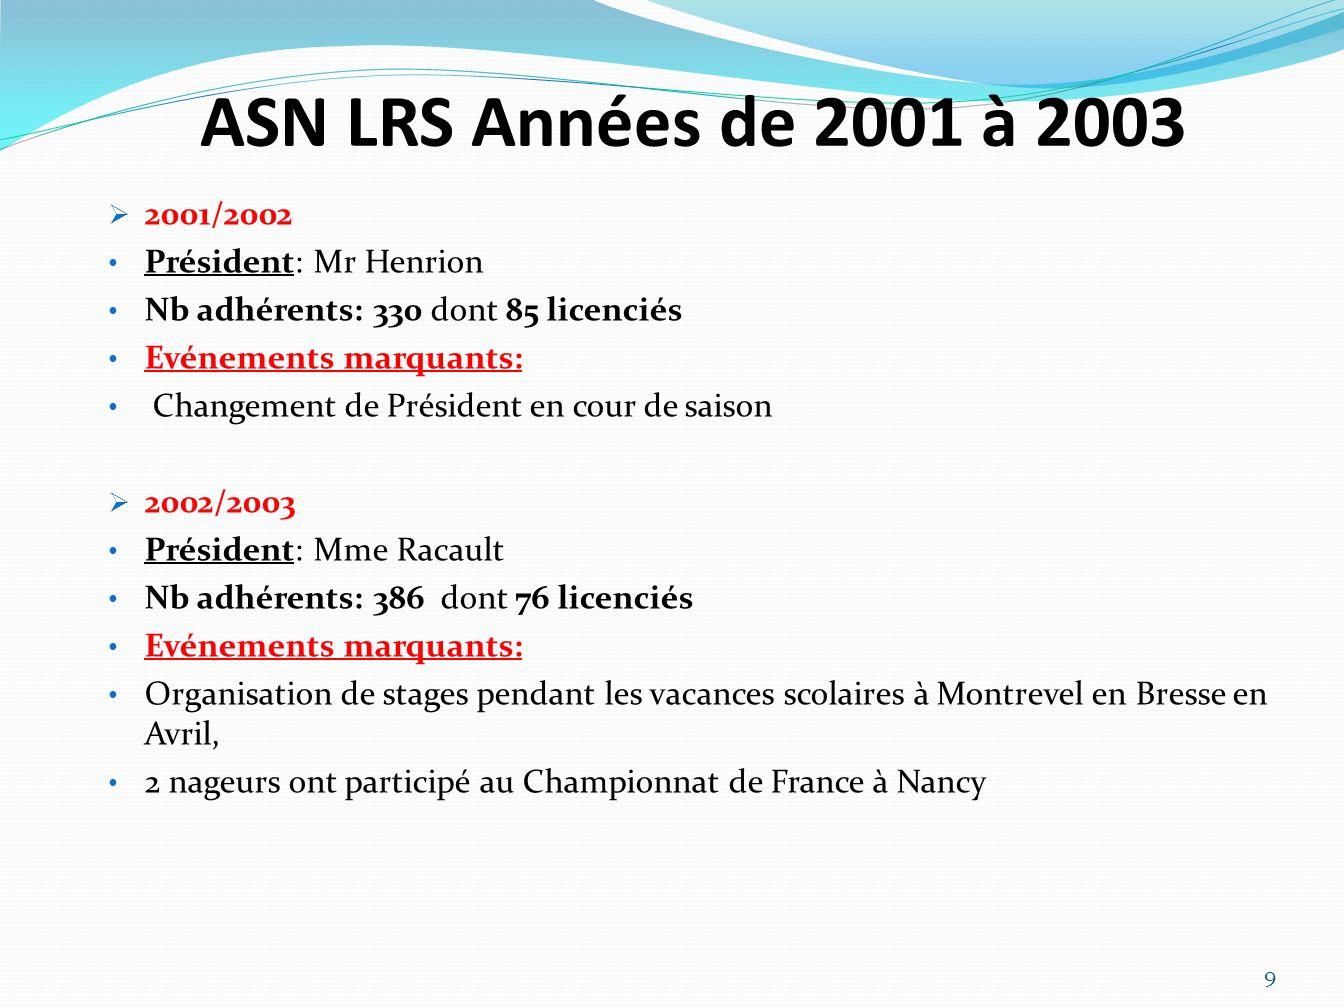 ASN LRS Années de 2001 à 2003 2001/2002 Président: Mr Henrion Nb adhérents: 330 dont 85 licenciés Evénements marquants: Changement de Président en cour de saison 2002/2003 Président: Mme Racault Nb adhérents: 386 dont 76 licenciés Evénements marquants: Organisation de stages pendant les vacances scolaires à Montrevel en Bresse en Avril, 2 nageurs ont participé au Championnat de France à Nancy 9